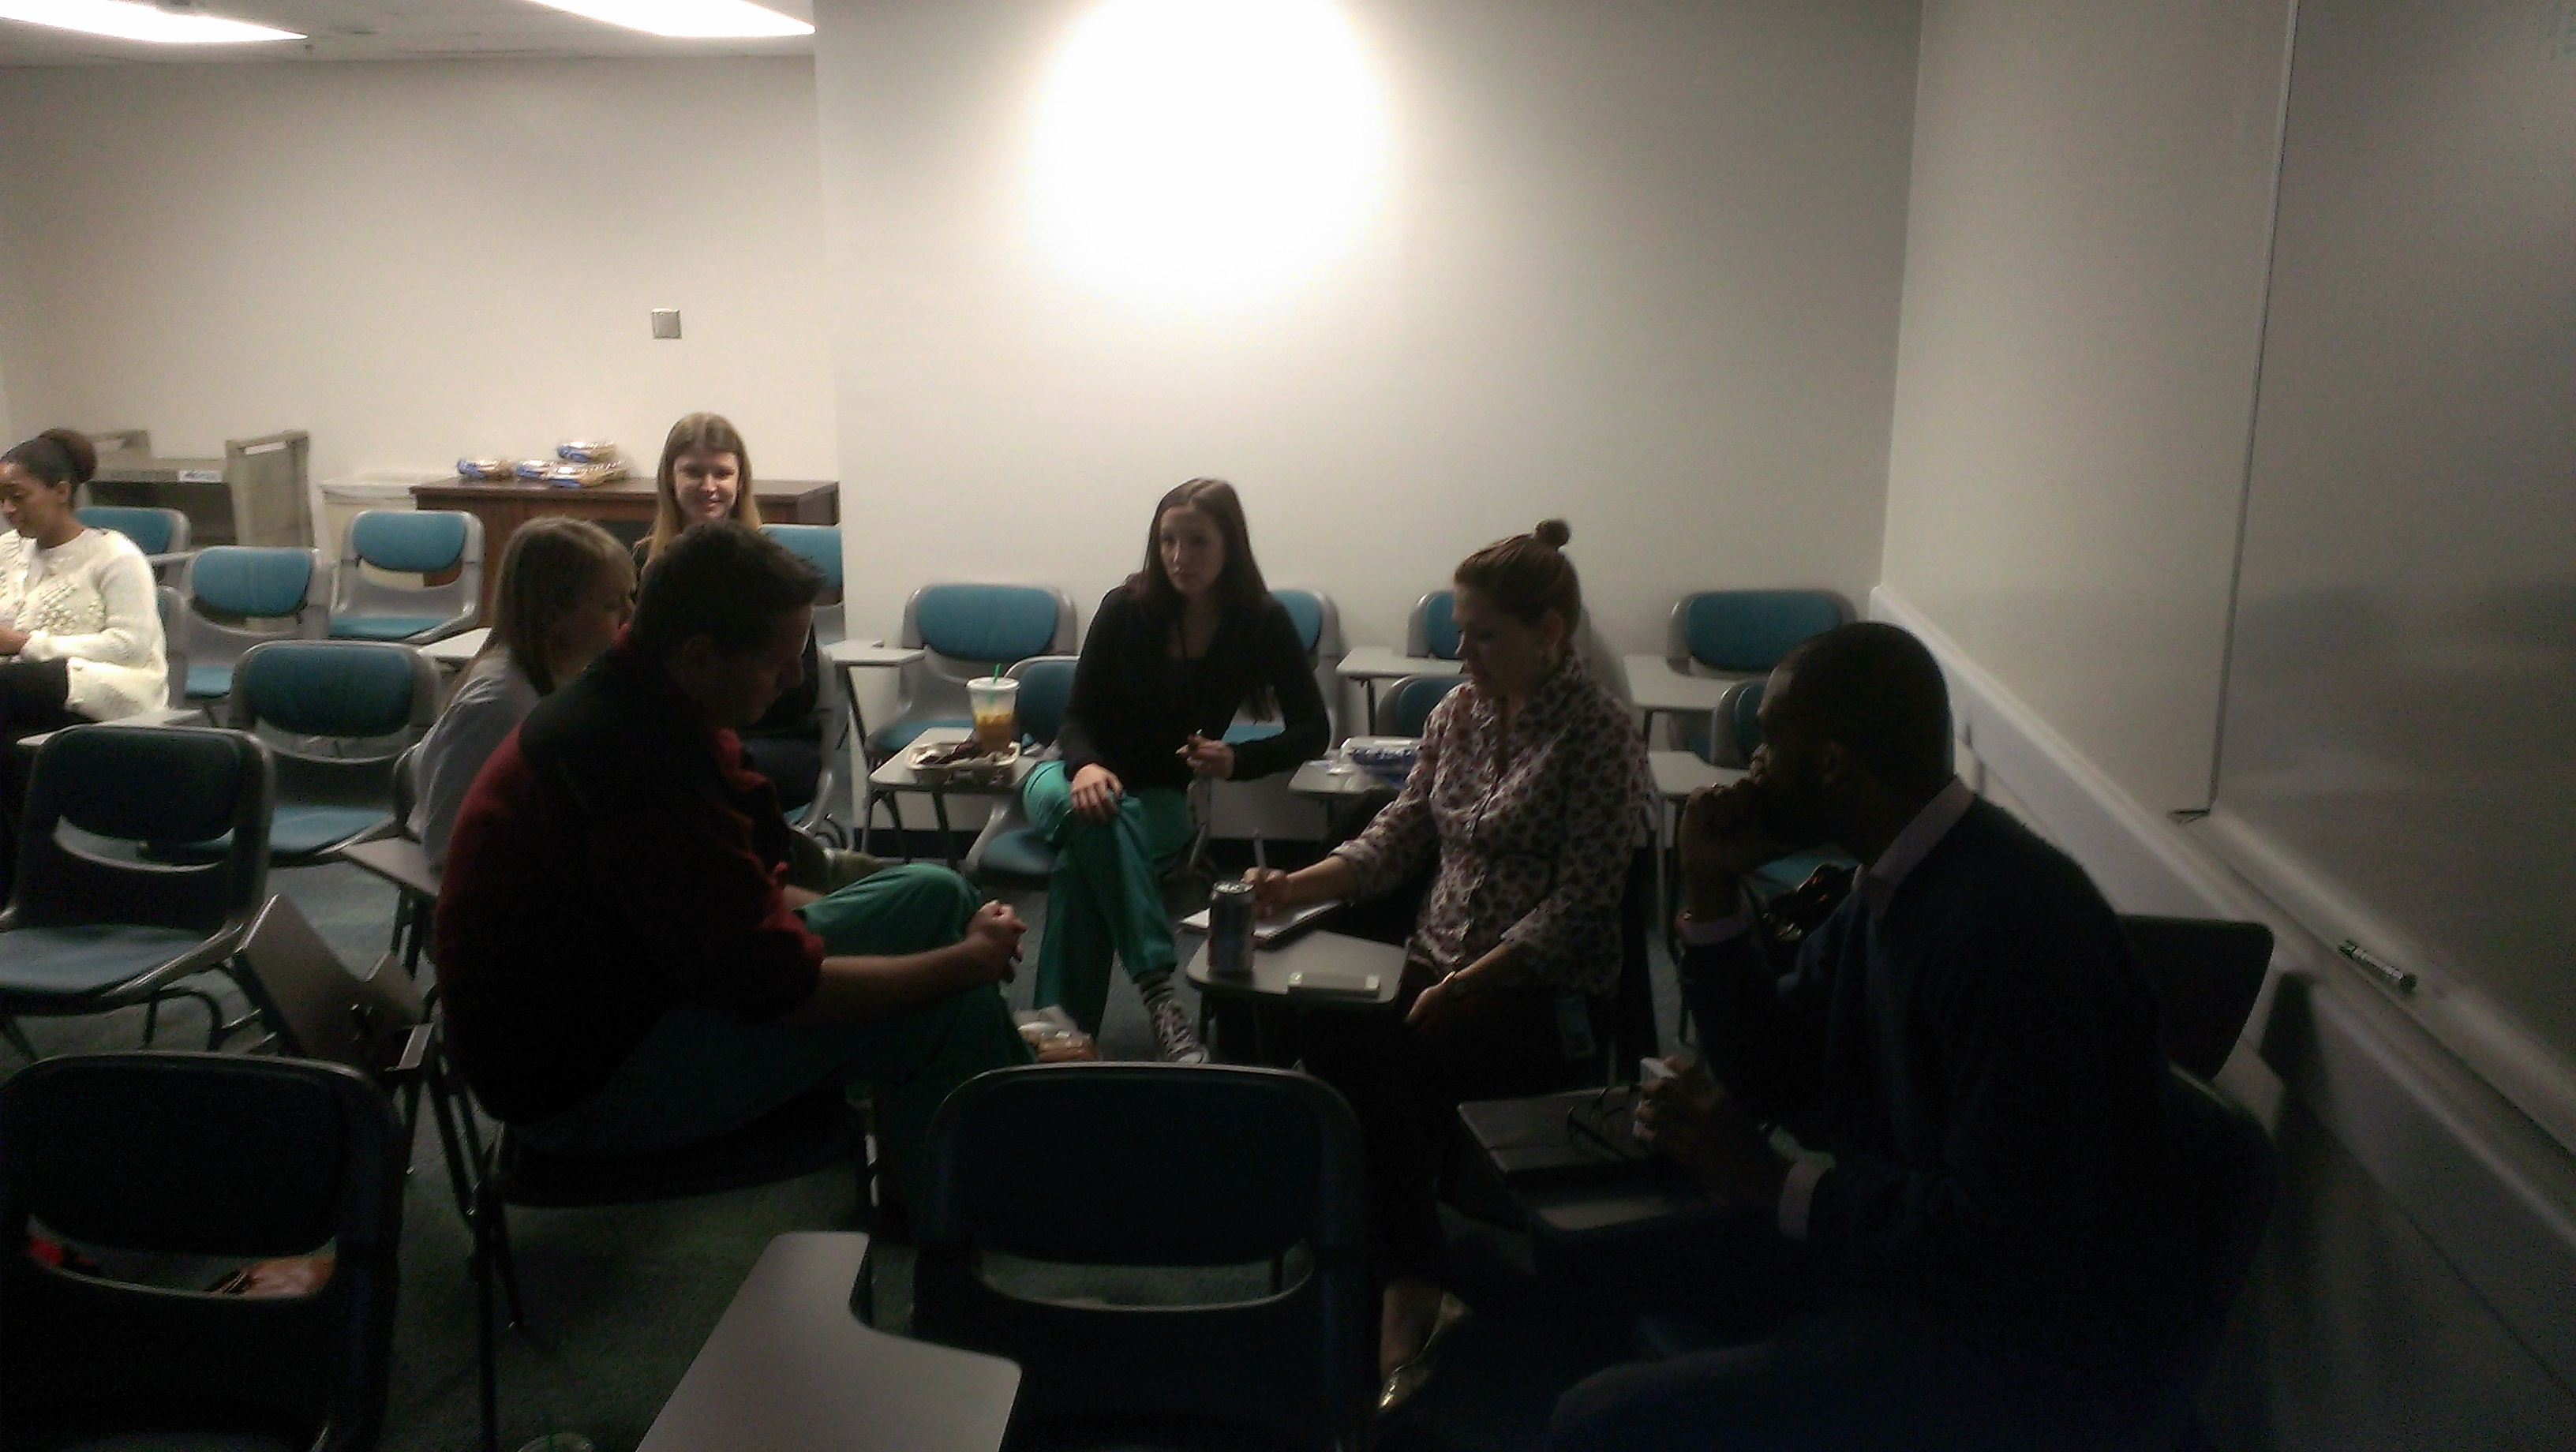 Tulane University Dental Students